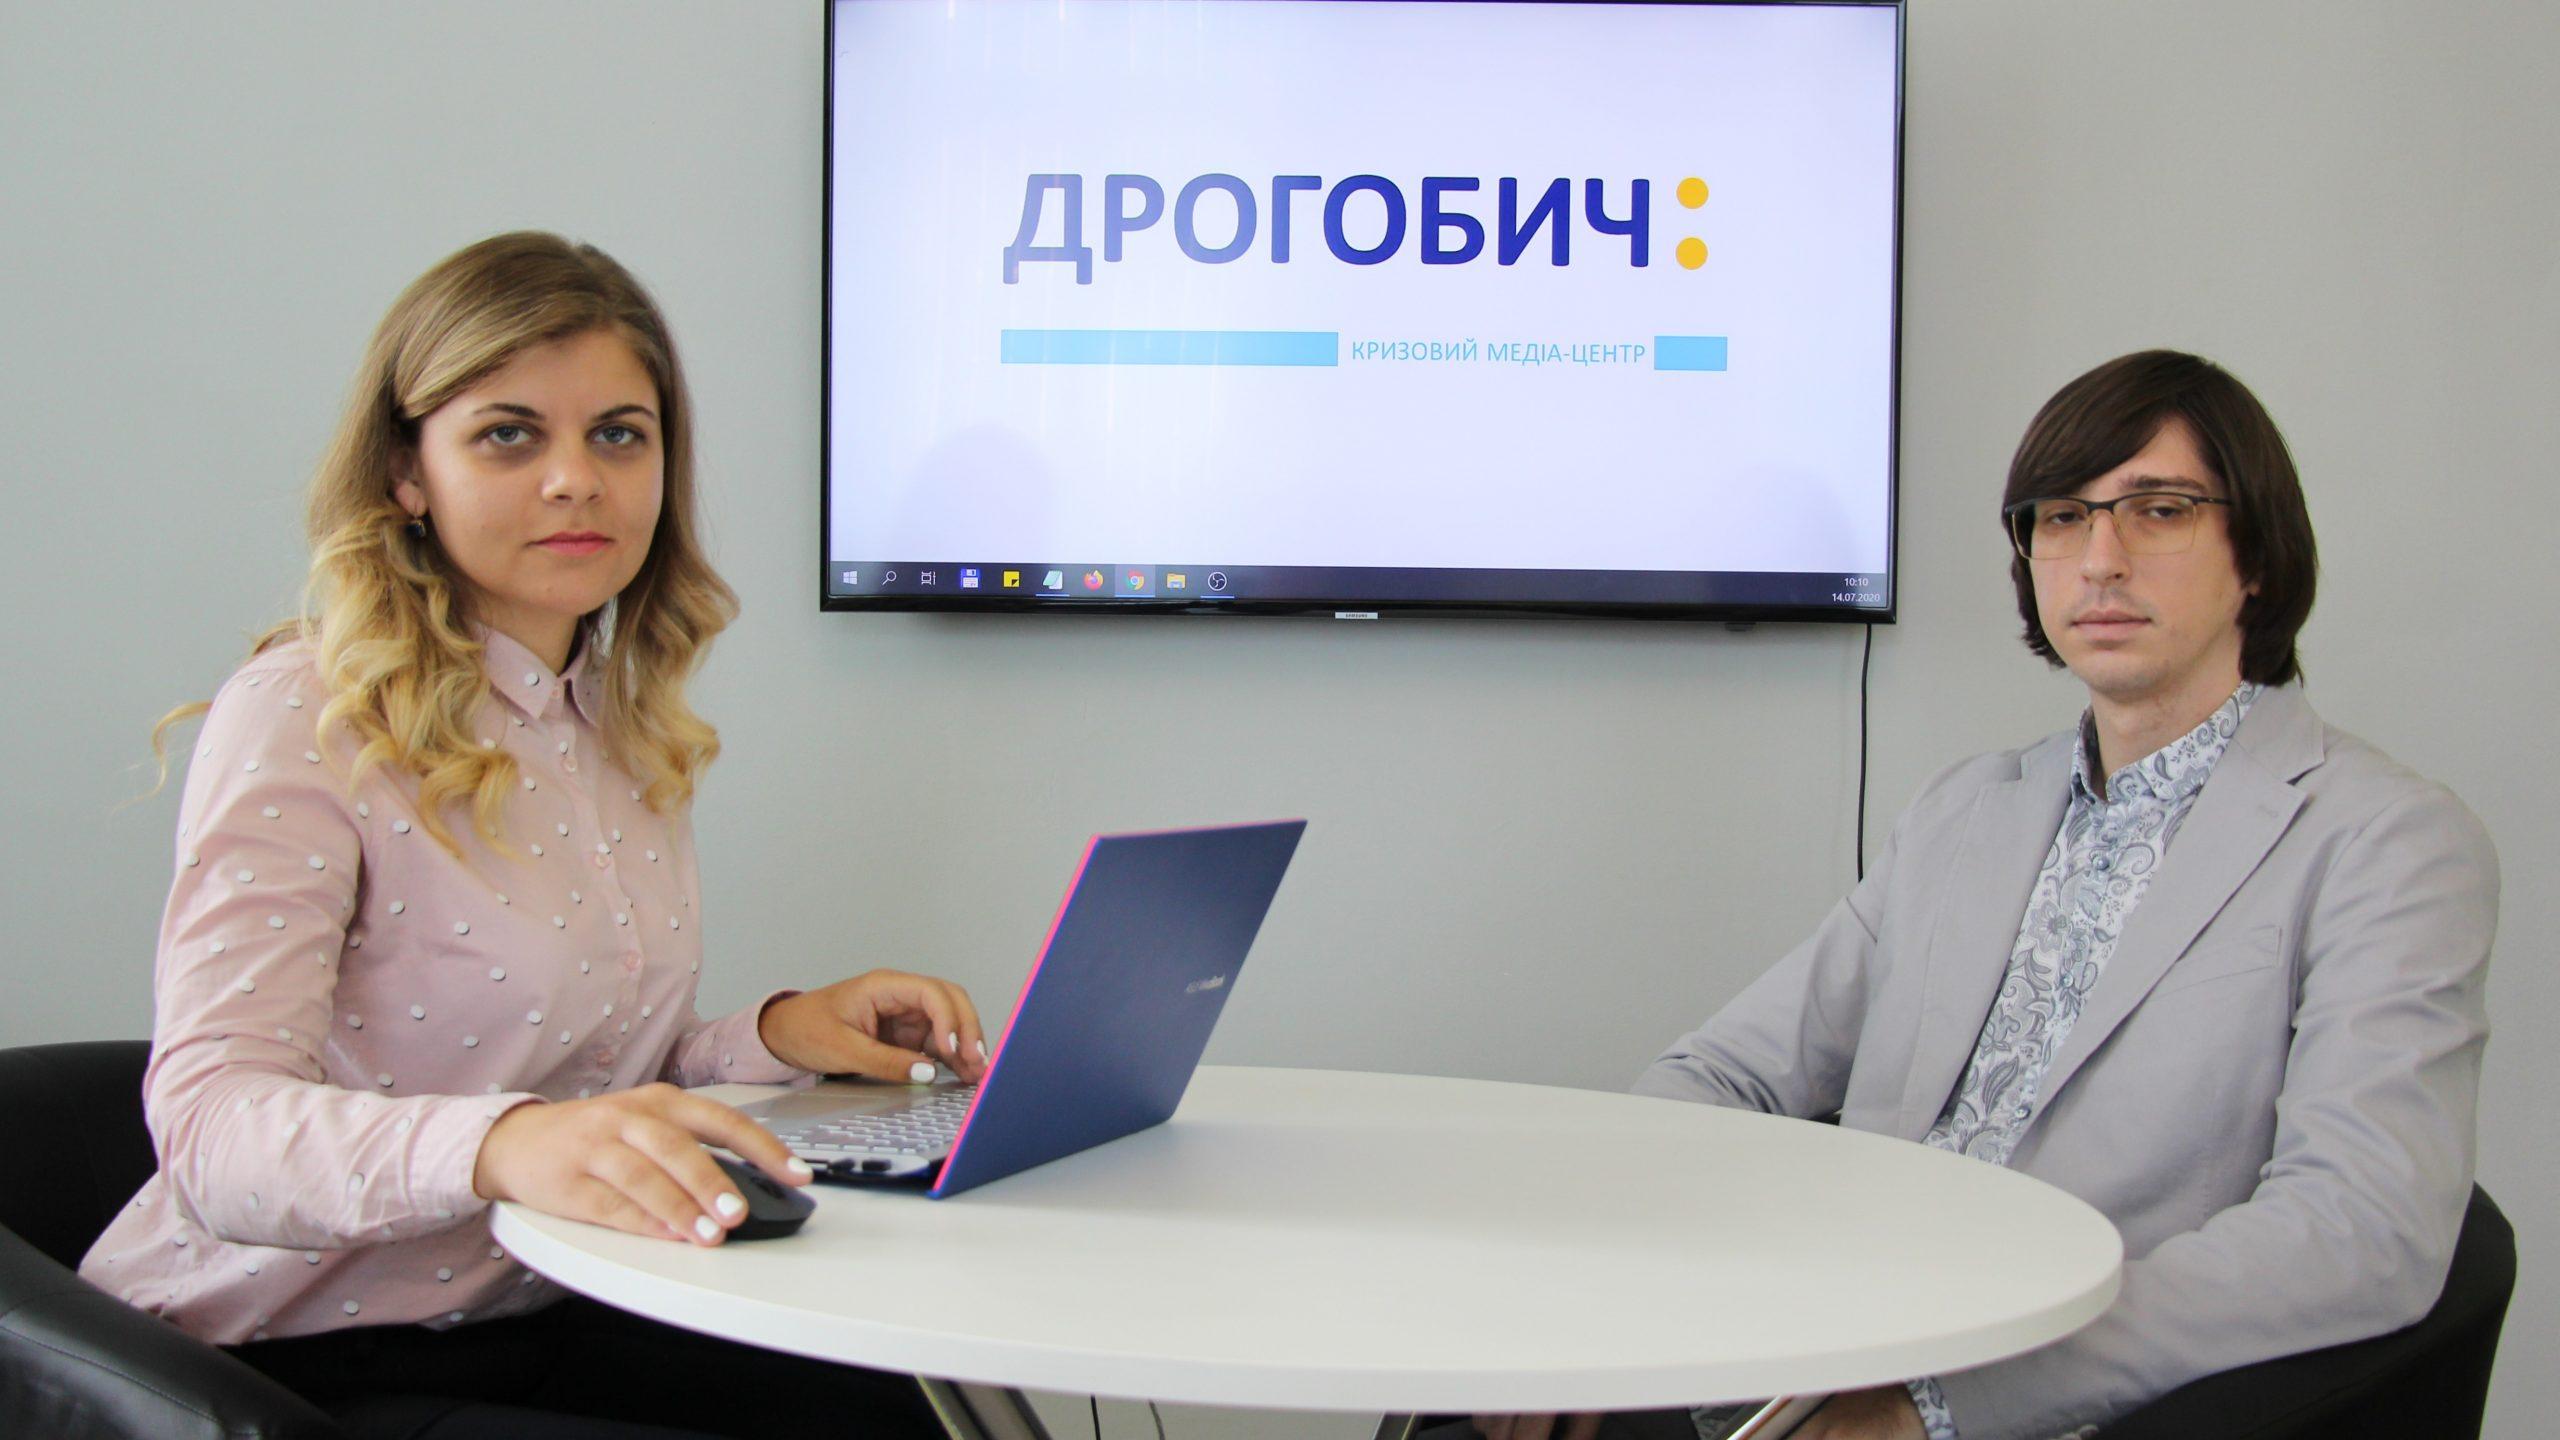 Дрогобич: Smart City – школа розумного громадянина»: Як розвиватиметься Дрогобич у наступні 7 років?